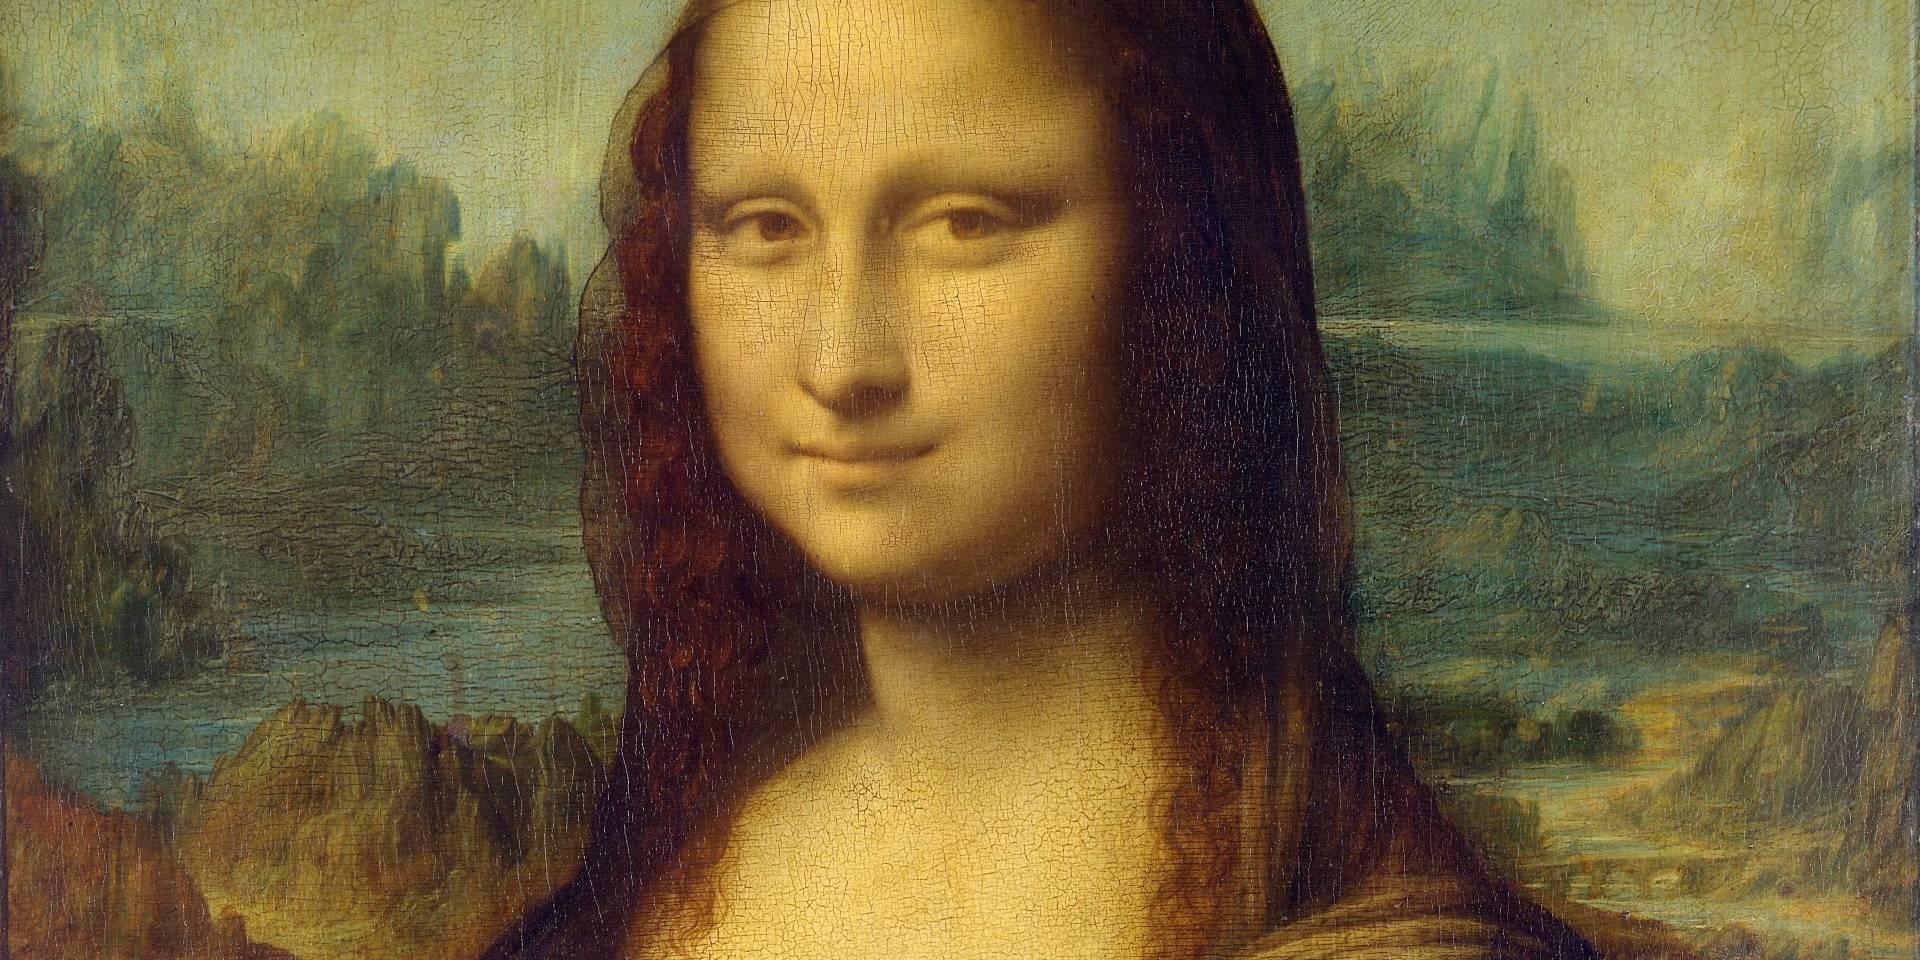 Mona Lisa, quem foi? História e mistérios sobre a obra de Da Vinci